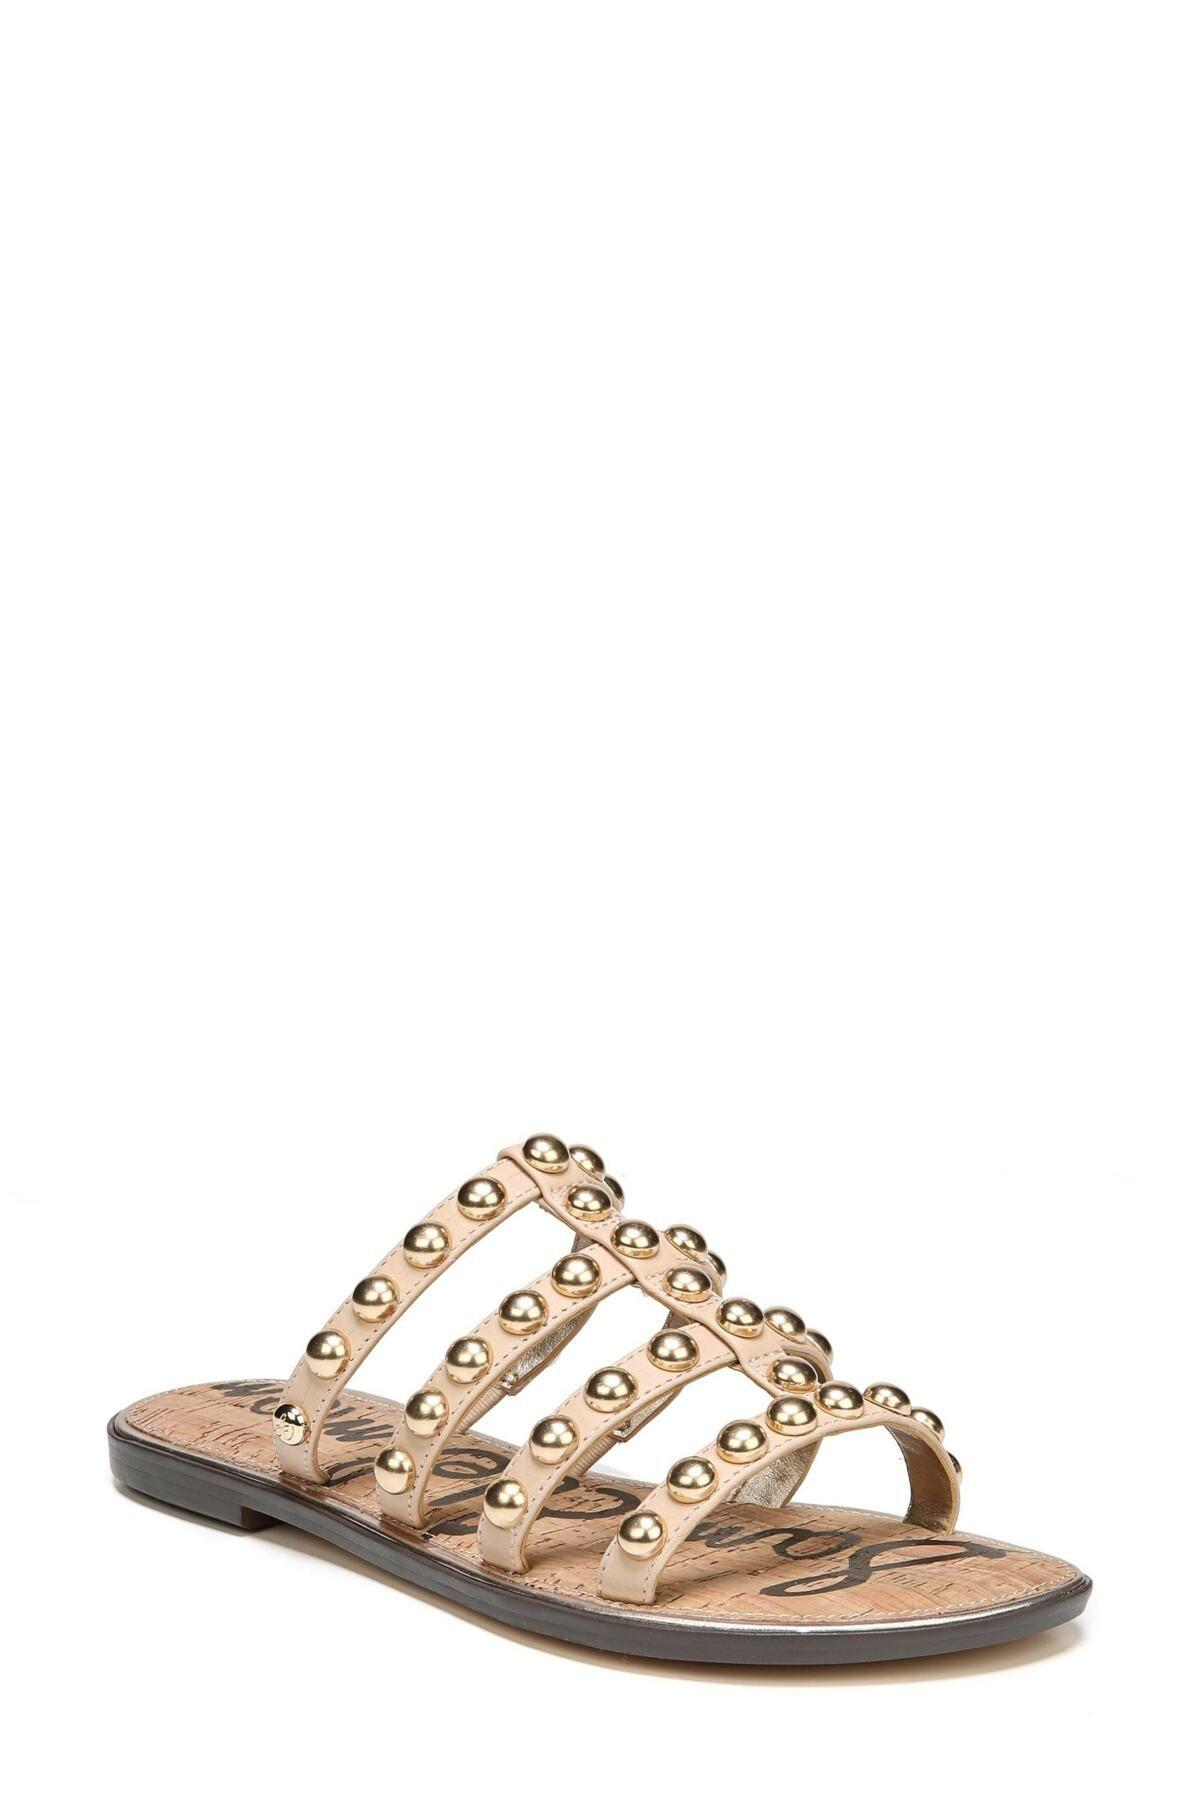 Sam Edelman | Glenn Studded Slide Sandal | Slide sandals